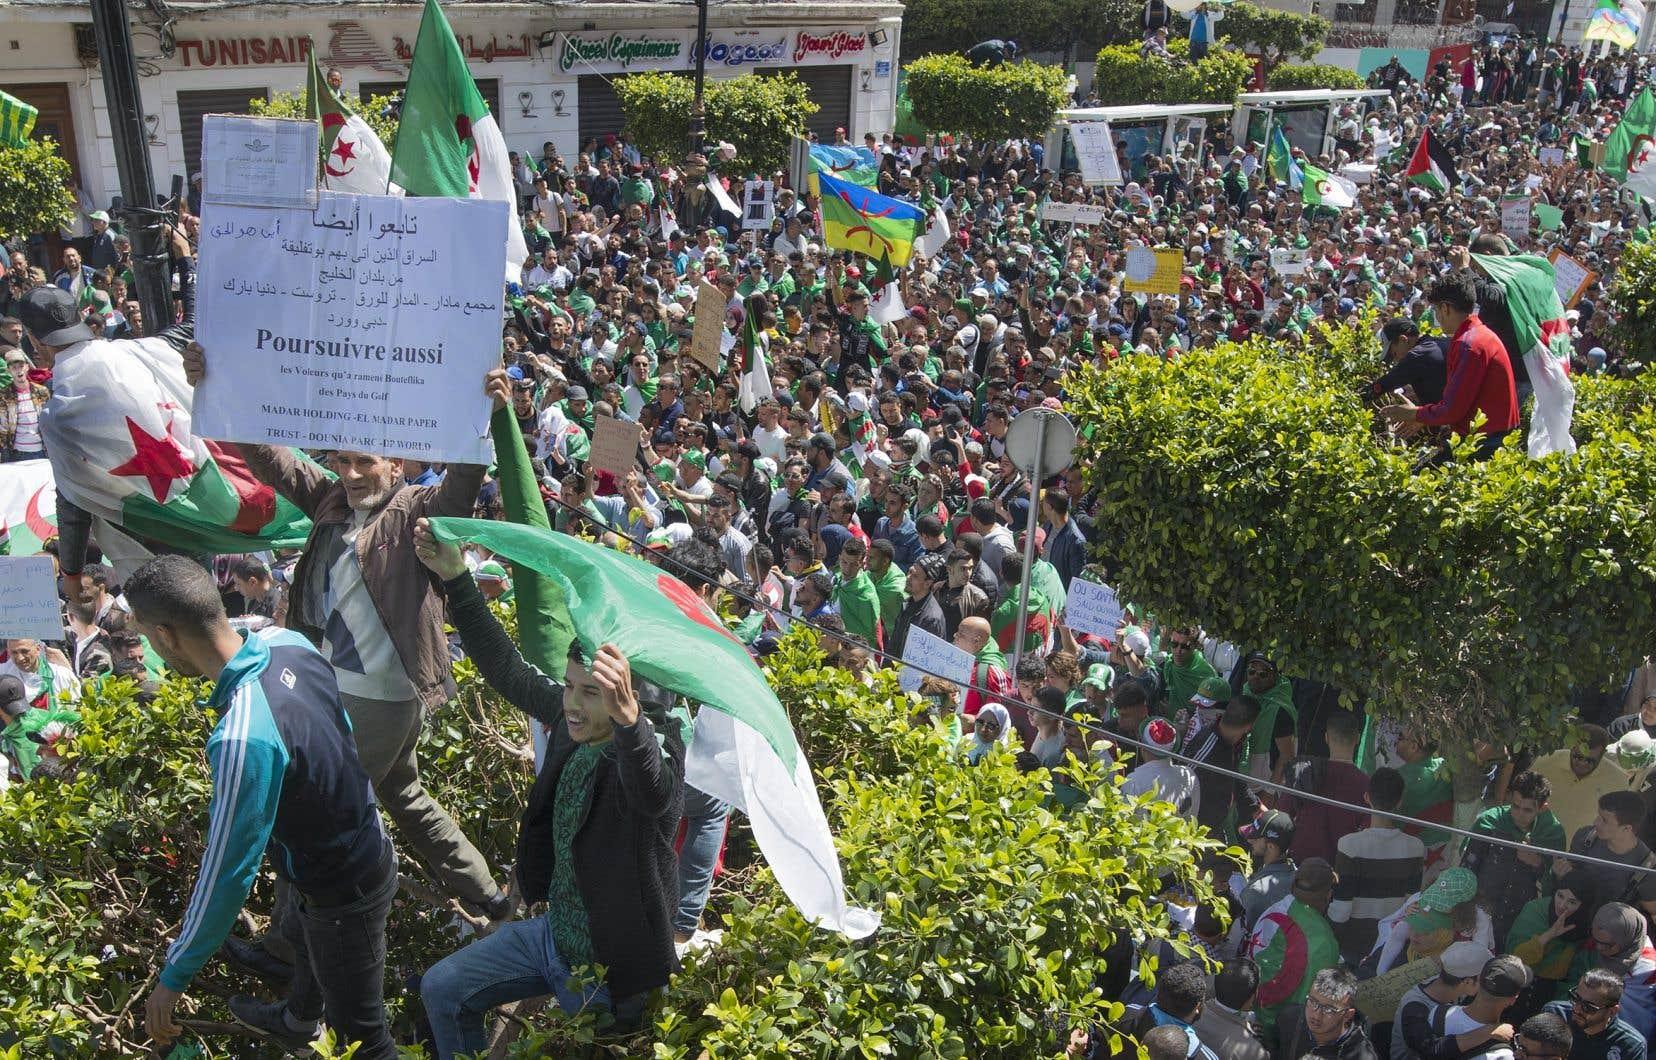 Semaine après semaine, les manifestants se rassemblent pour tenter d'obtenir le départ de l'ensemble du «système» au pouvoir.